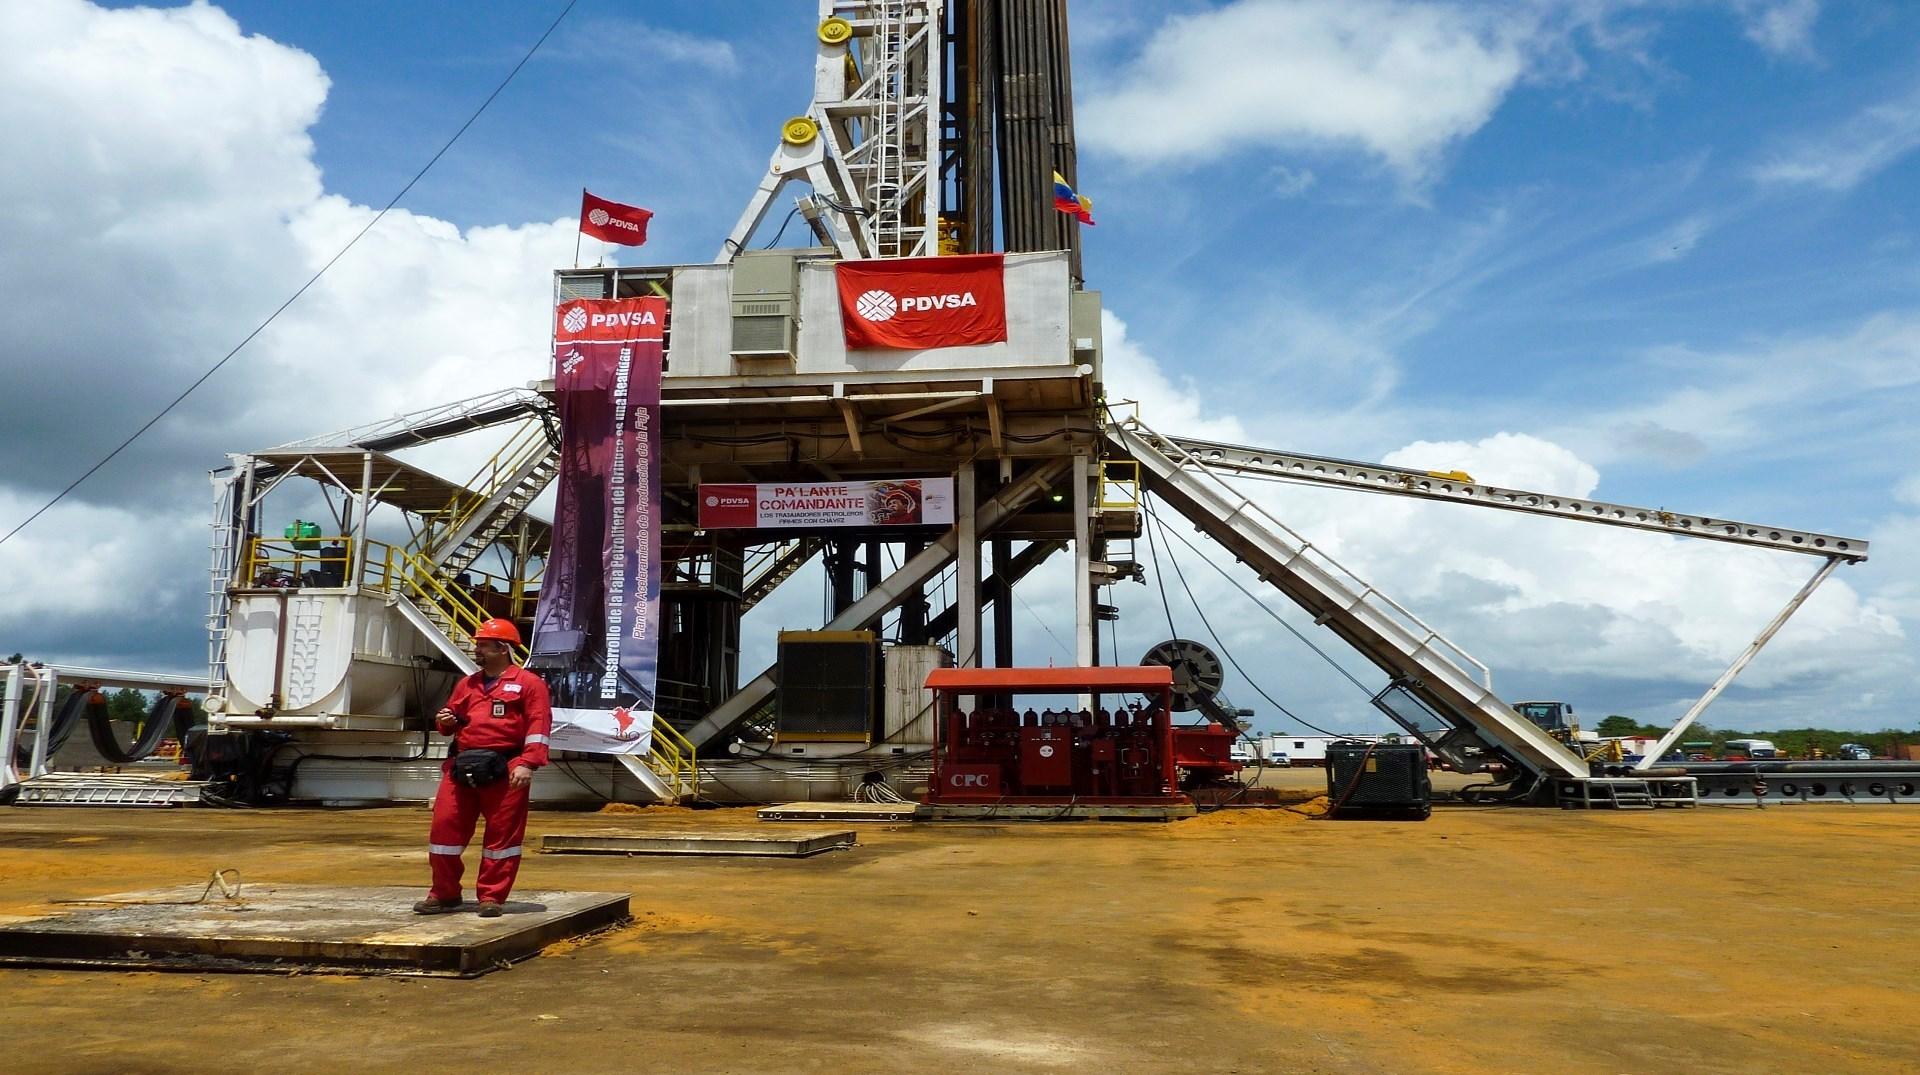 رغم العقوبات الأميركية.. فنزويلا تستأنف تصدير النفط إلى الصين